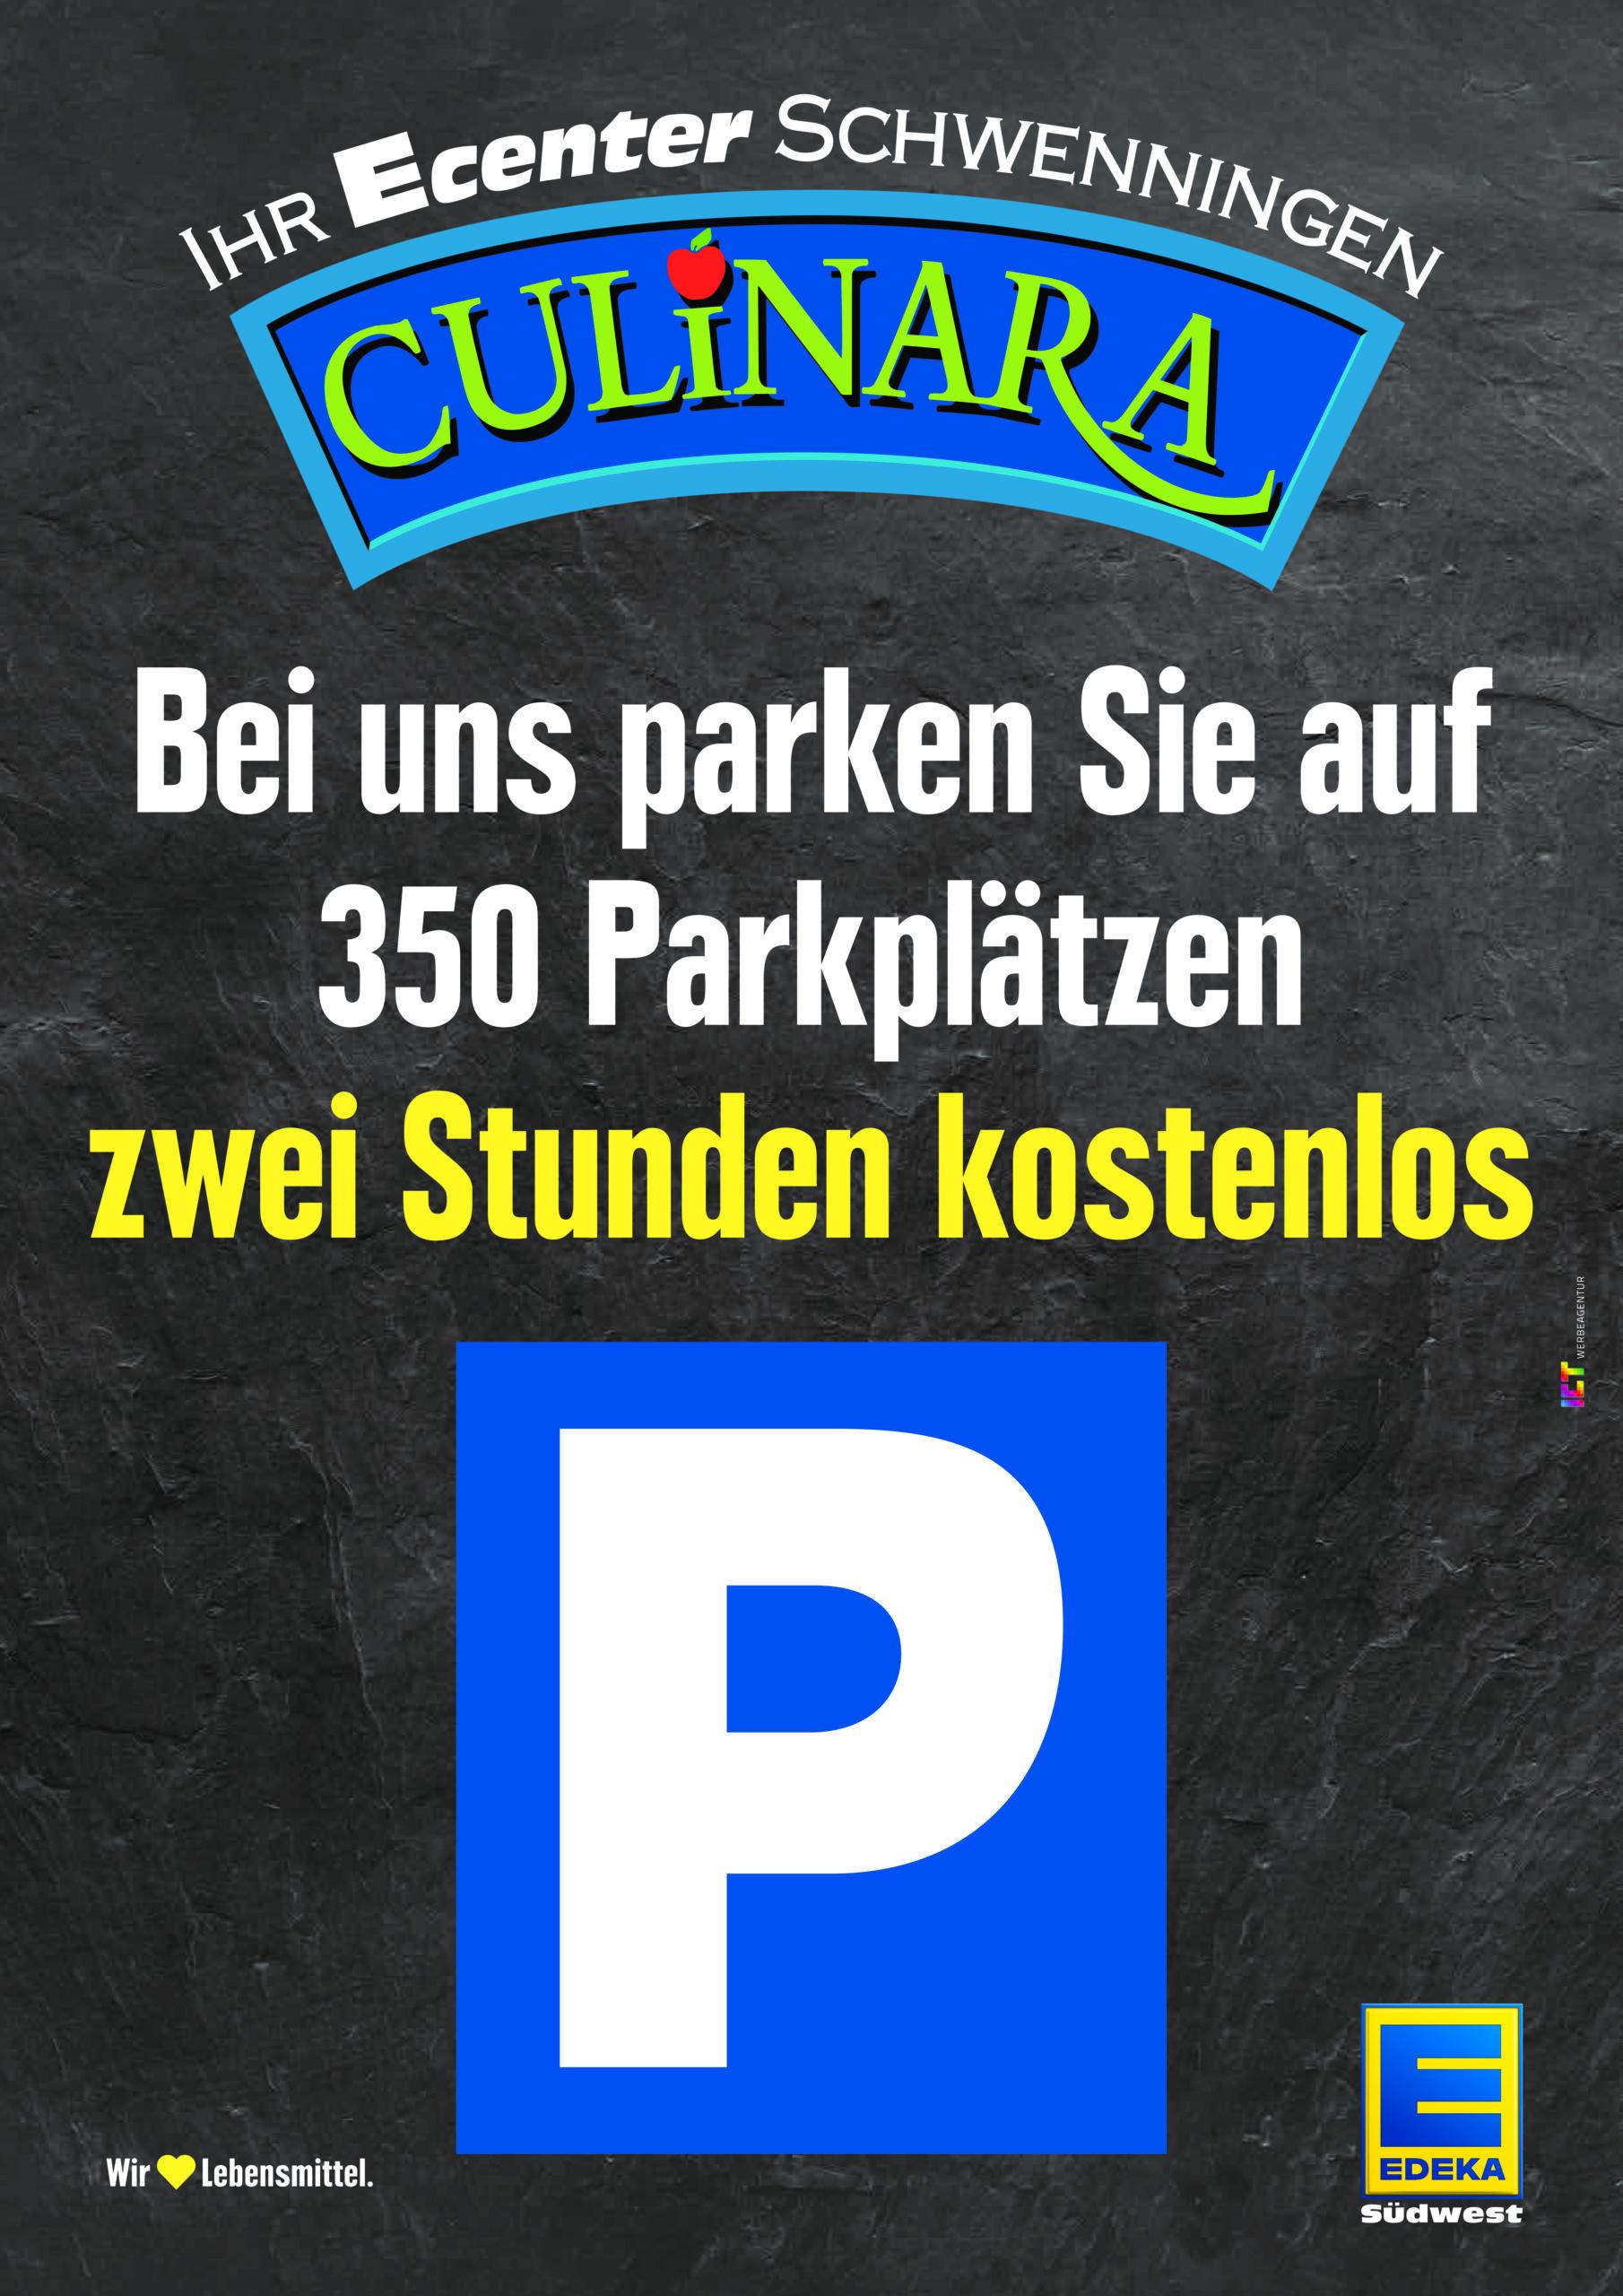 221010_Parken_PLAKATE_DV_EC_CULINARA_V.-SCHWENNINGEN_31_2021